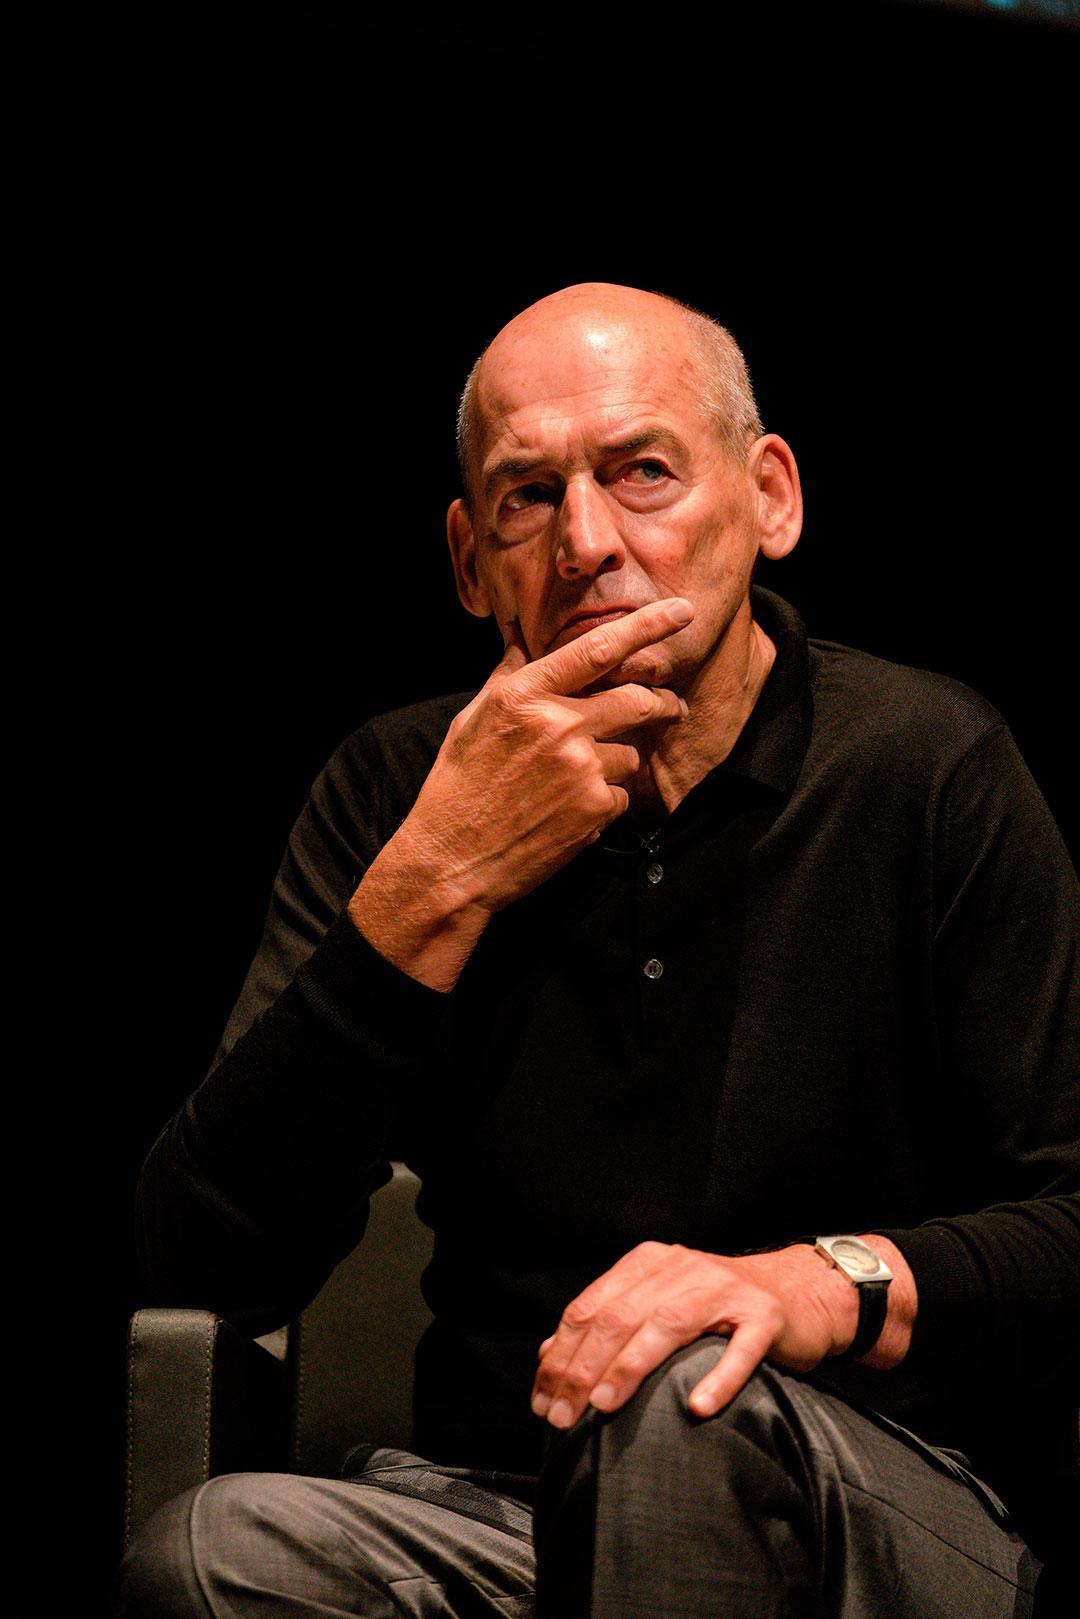 Rem Koolhaas en IV Congreso internacional de Arquitectura. Fotografía © Miguel de Guzman. Imagen Subliminal